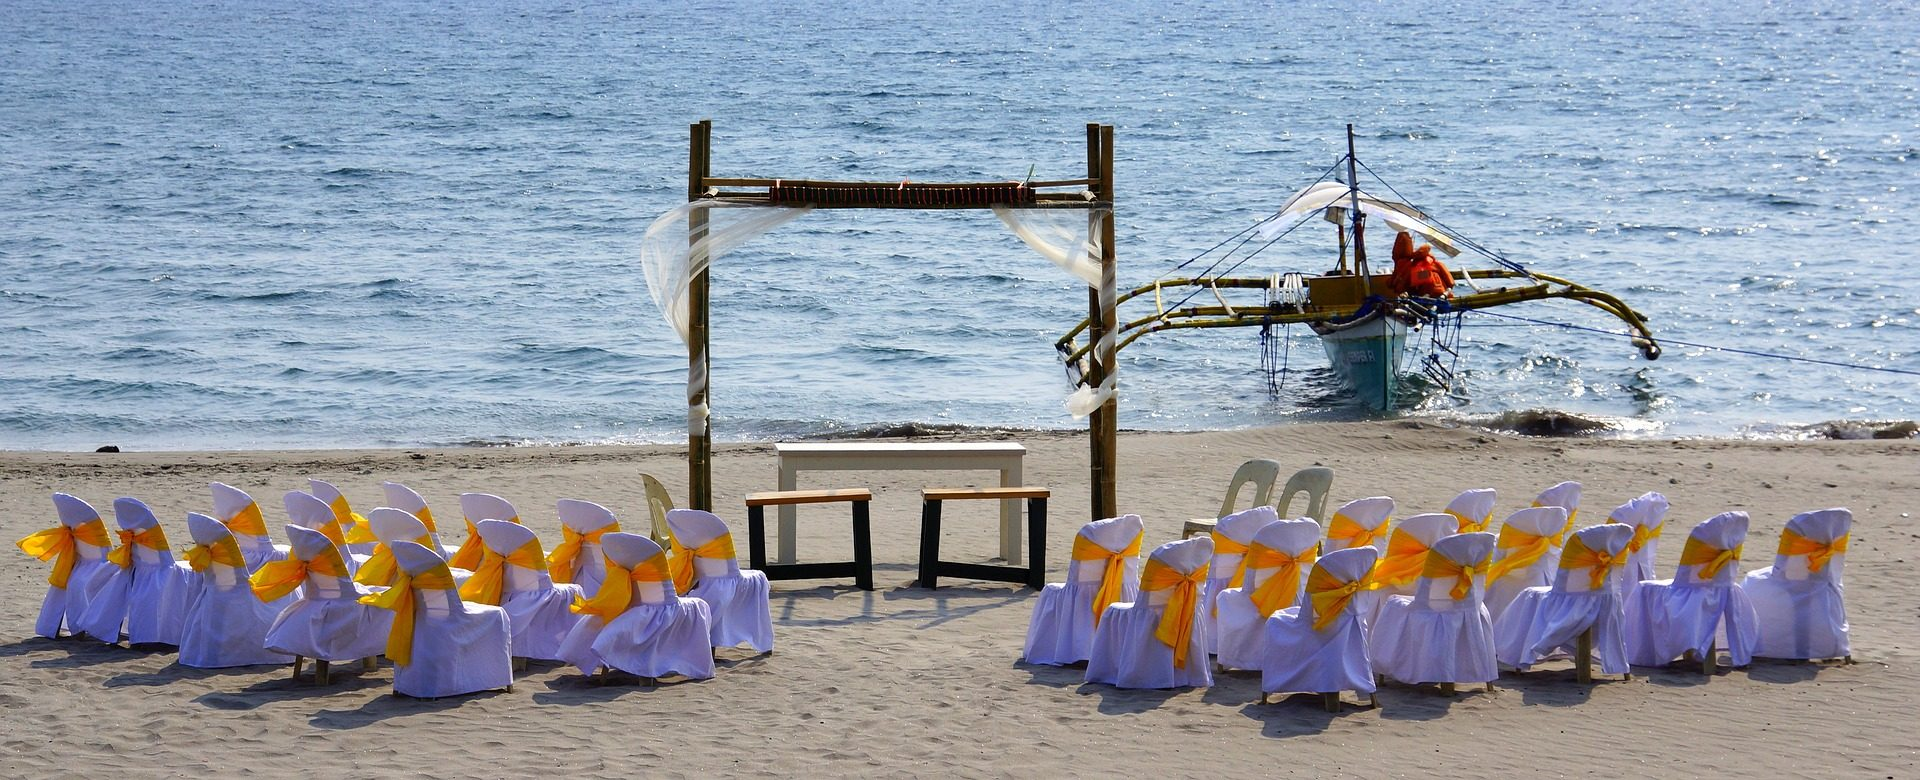 婚礼, 婚姻, 庆祝活动, 海滩, 沙子, 海 - 高清壁纸 - 教授-falken.com